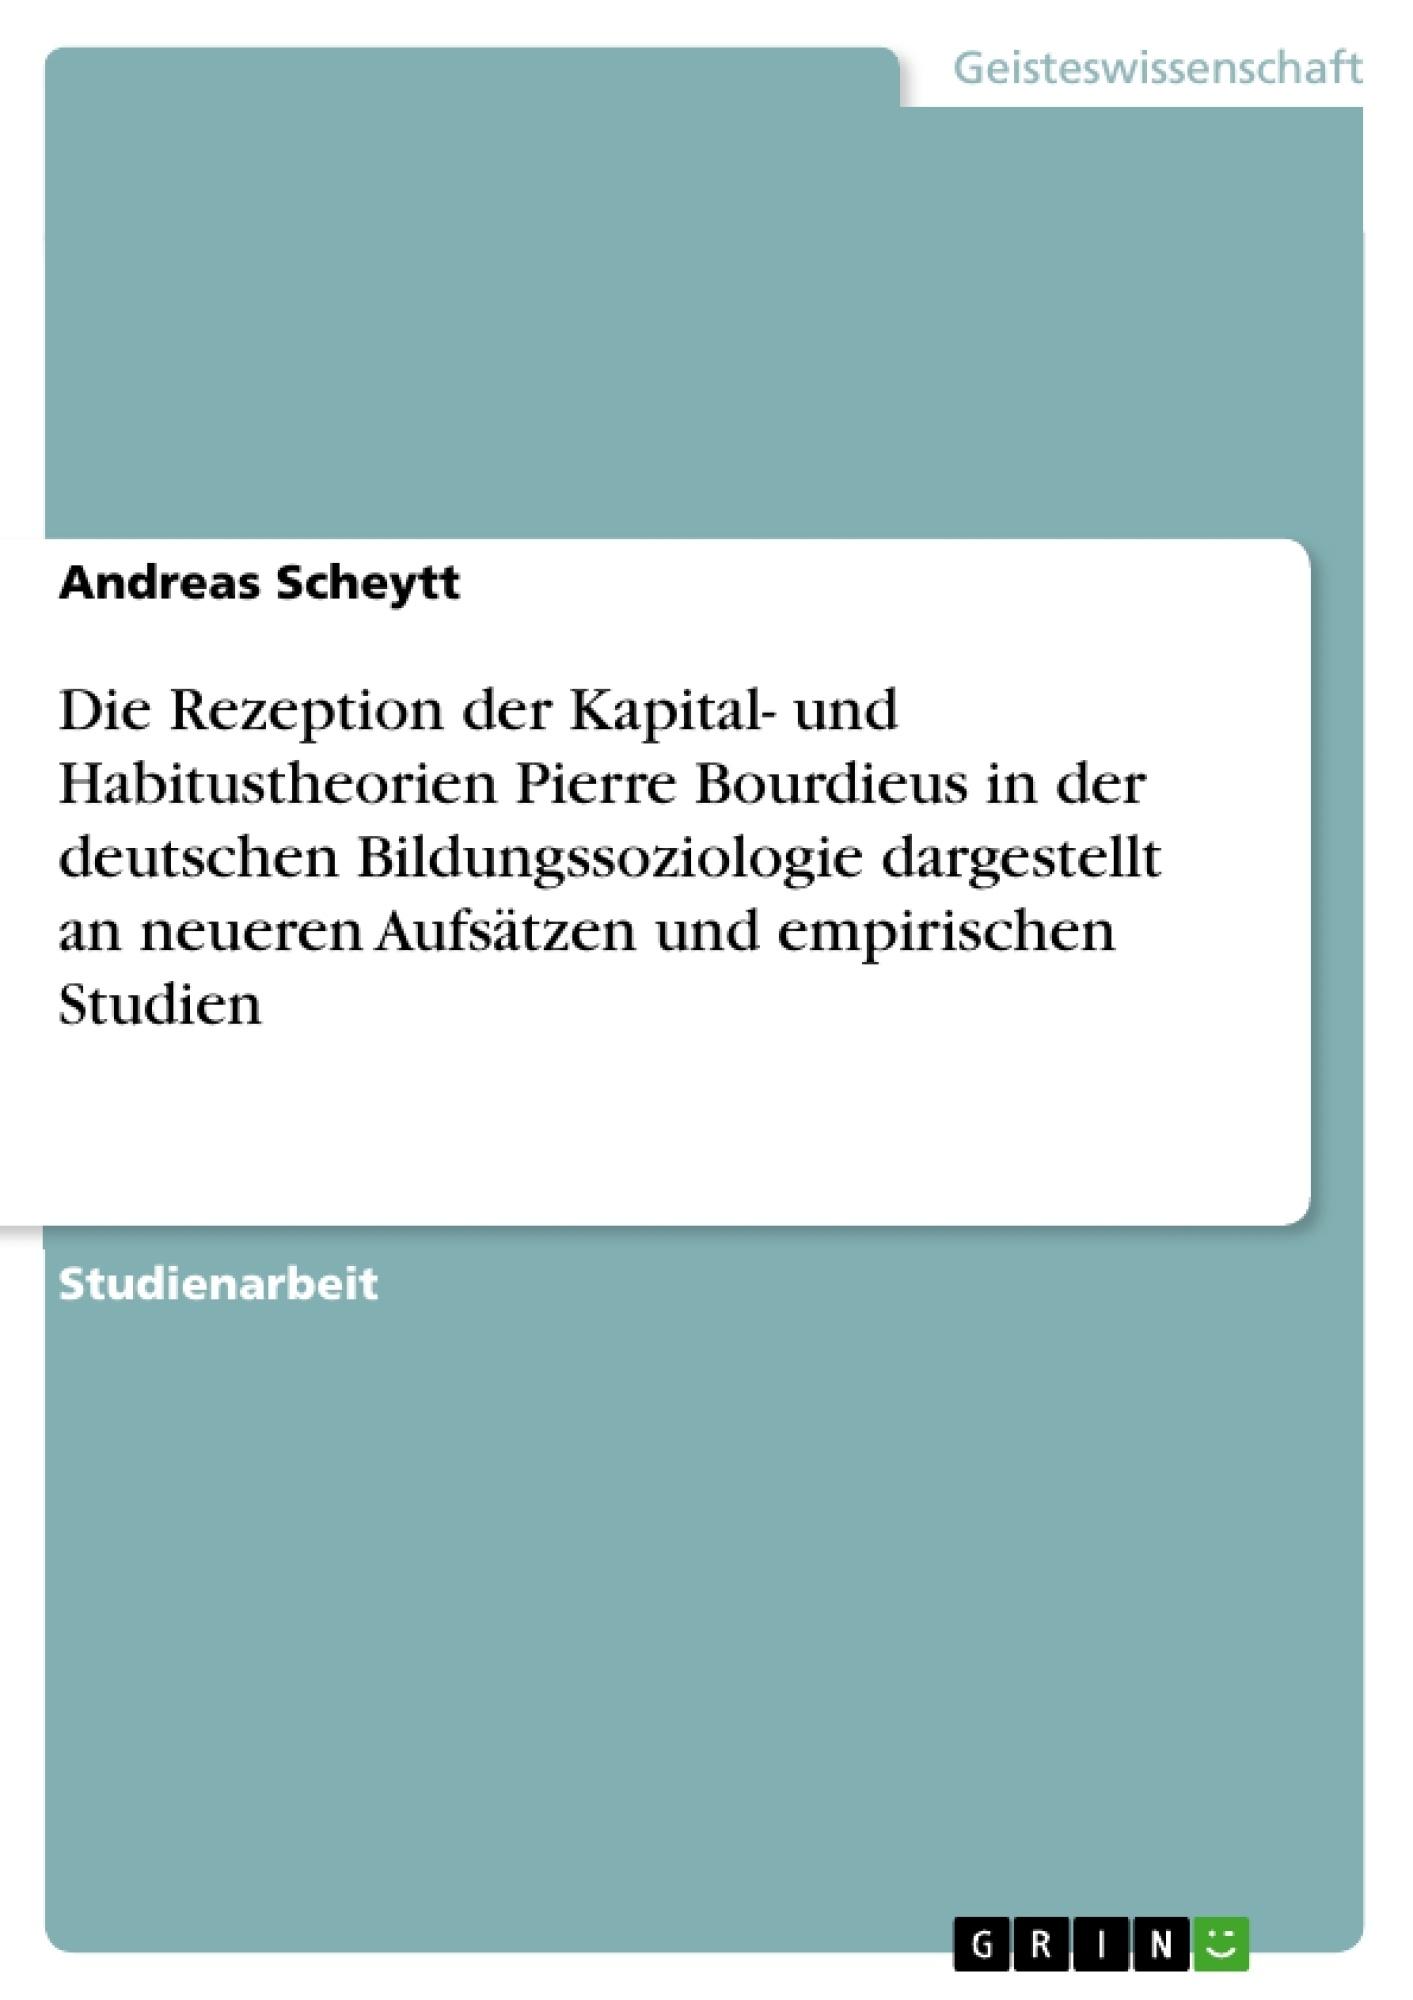 Titel: Die Rezeption der Kapital- und Habitustheorien Pierre Bourdieus in der deutschen Bildungssoziologie dargestellt an neueren Aufsätzen und empirischen Studien